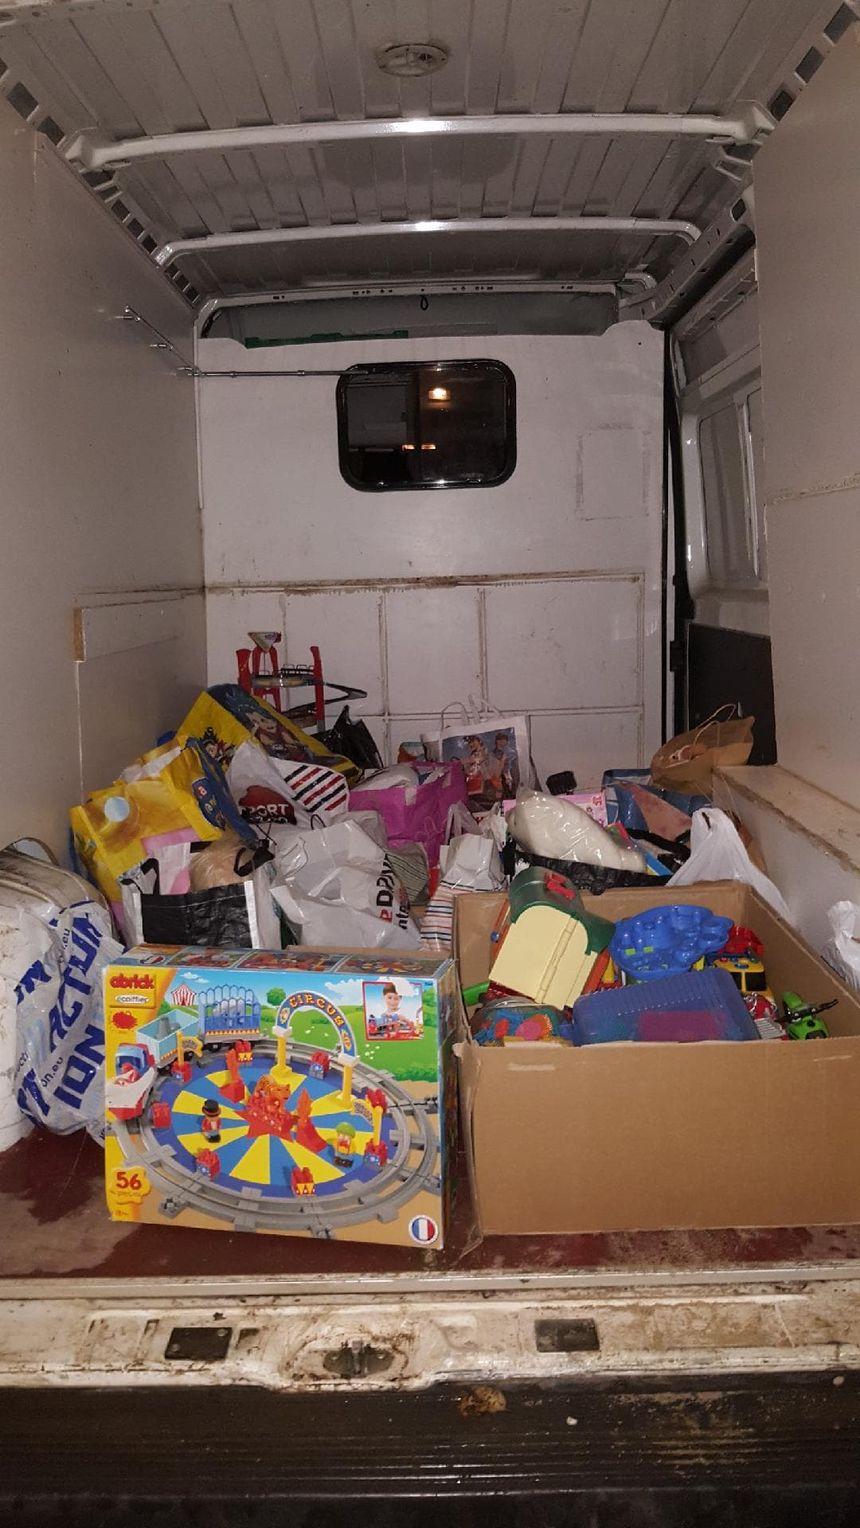 Les supporters du Nîmes Olympique ont ramené des jouets d'occasion mais aussi des objets neufs achetés exprès pour aider les enfants pauvres.